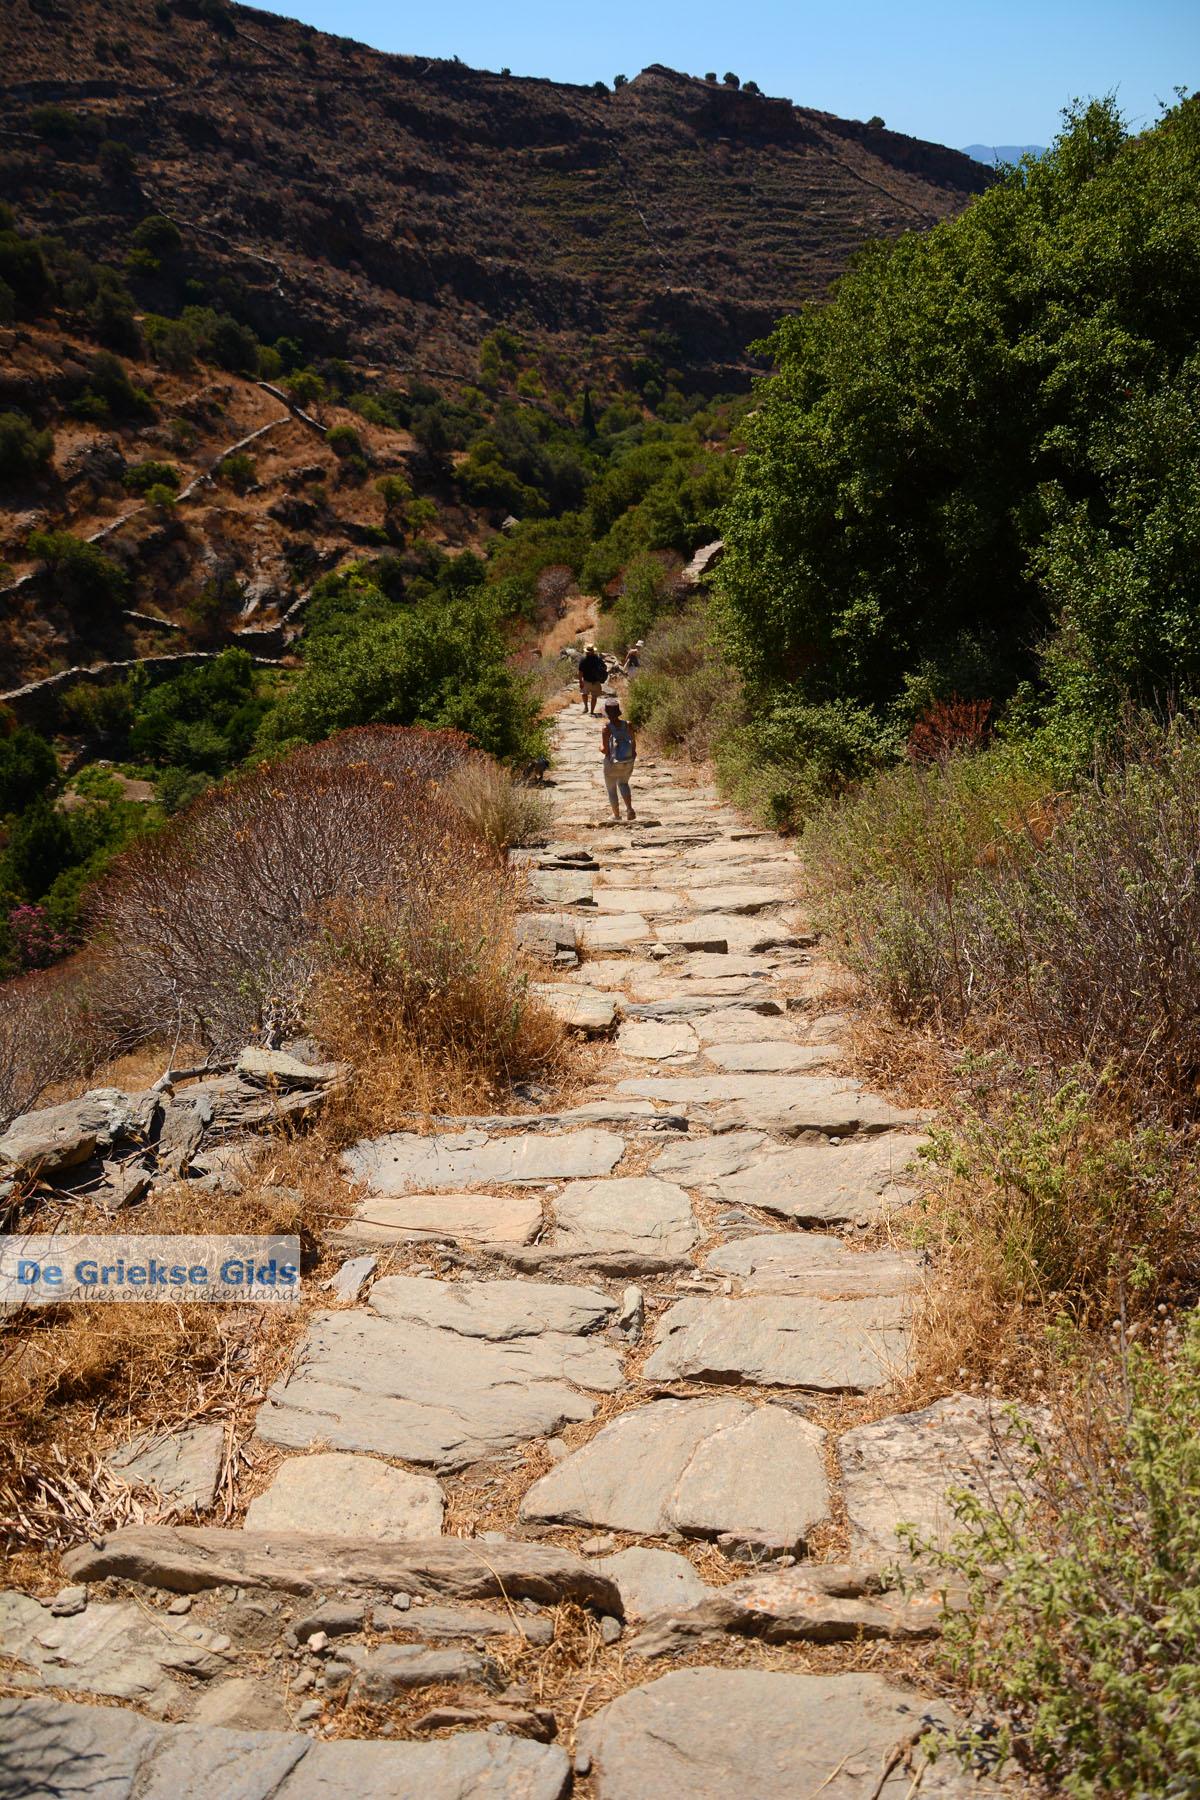 foto Bergpad-wandelpad naar Karthaia | Kato Meria | Kea (Tzia) 19